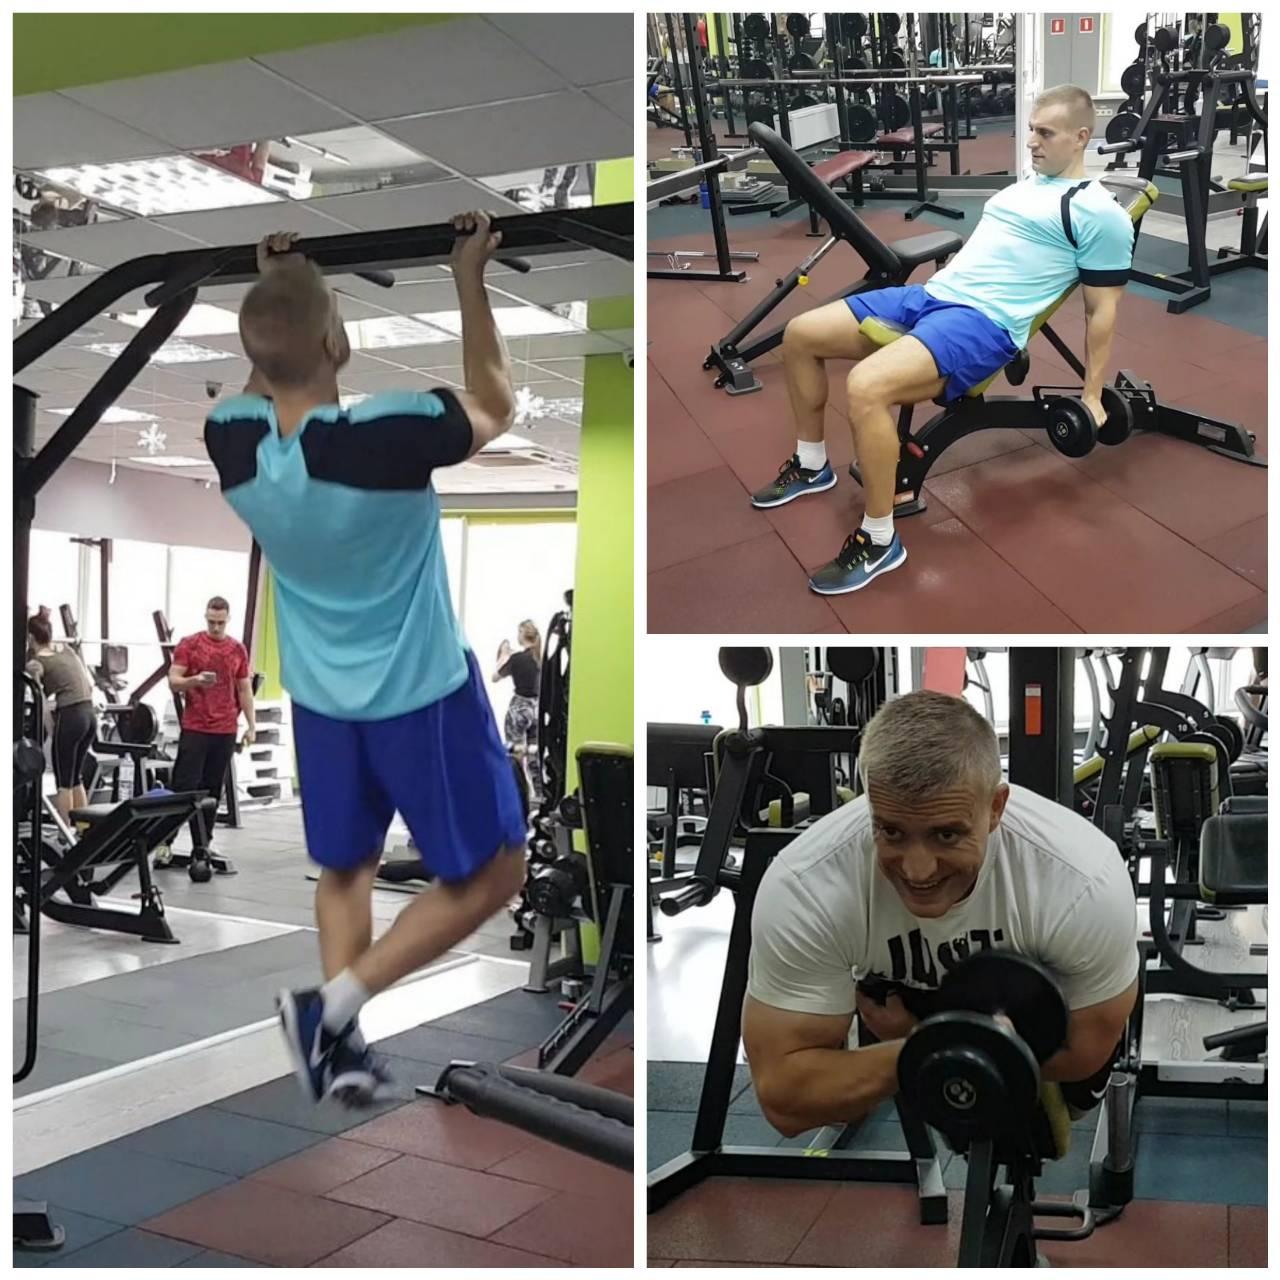 Полноамплитудный тренинг - уникальная методика построения впечатляющей фигуры, основанная на принципах функционирования мышц. Методика полноамплитудного тренинга покажет Вам, как выбрать упражнения для проработки каждой мышцы по всей амплитуде движения, вовлекая максимальное количество мышечных волокон на каждой тренировке.